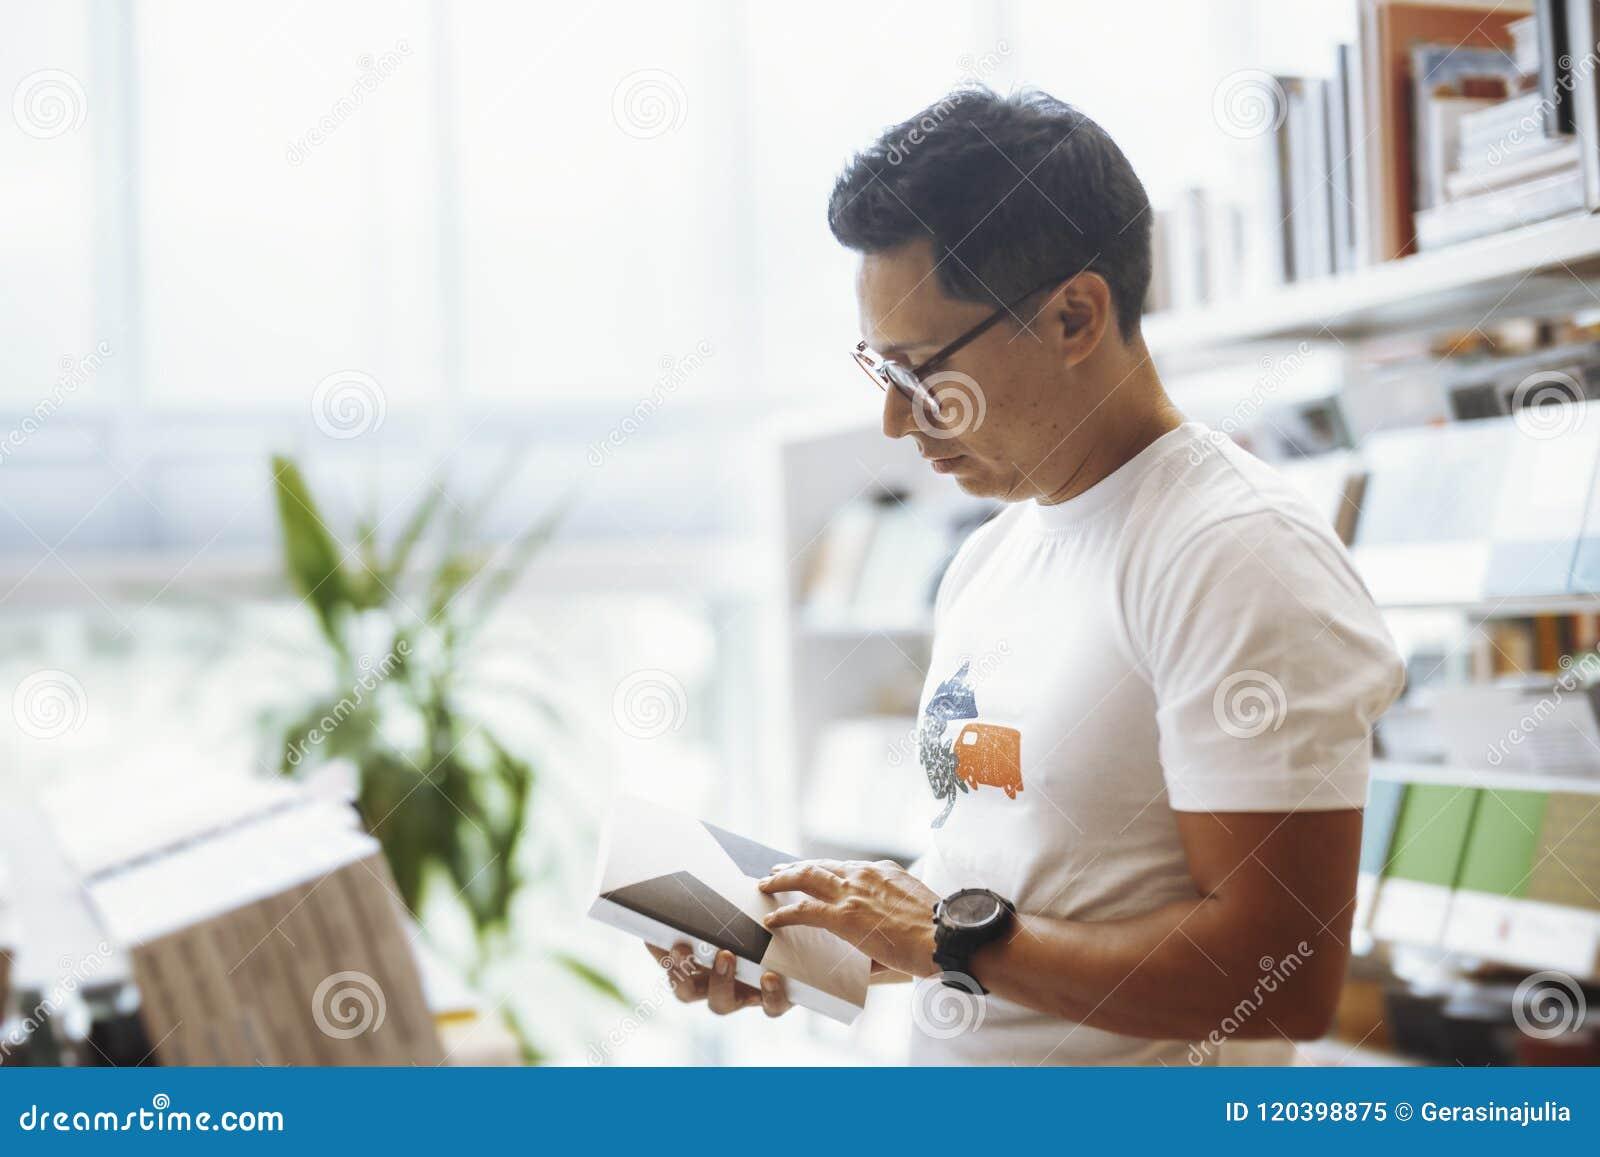 Livro de leitura de óculos novo do homem em livrarias modernas brilhantes